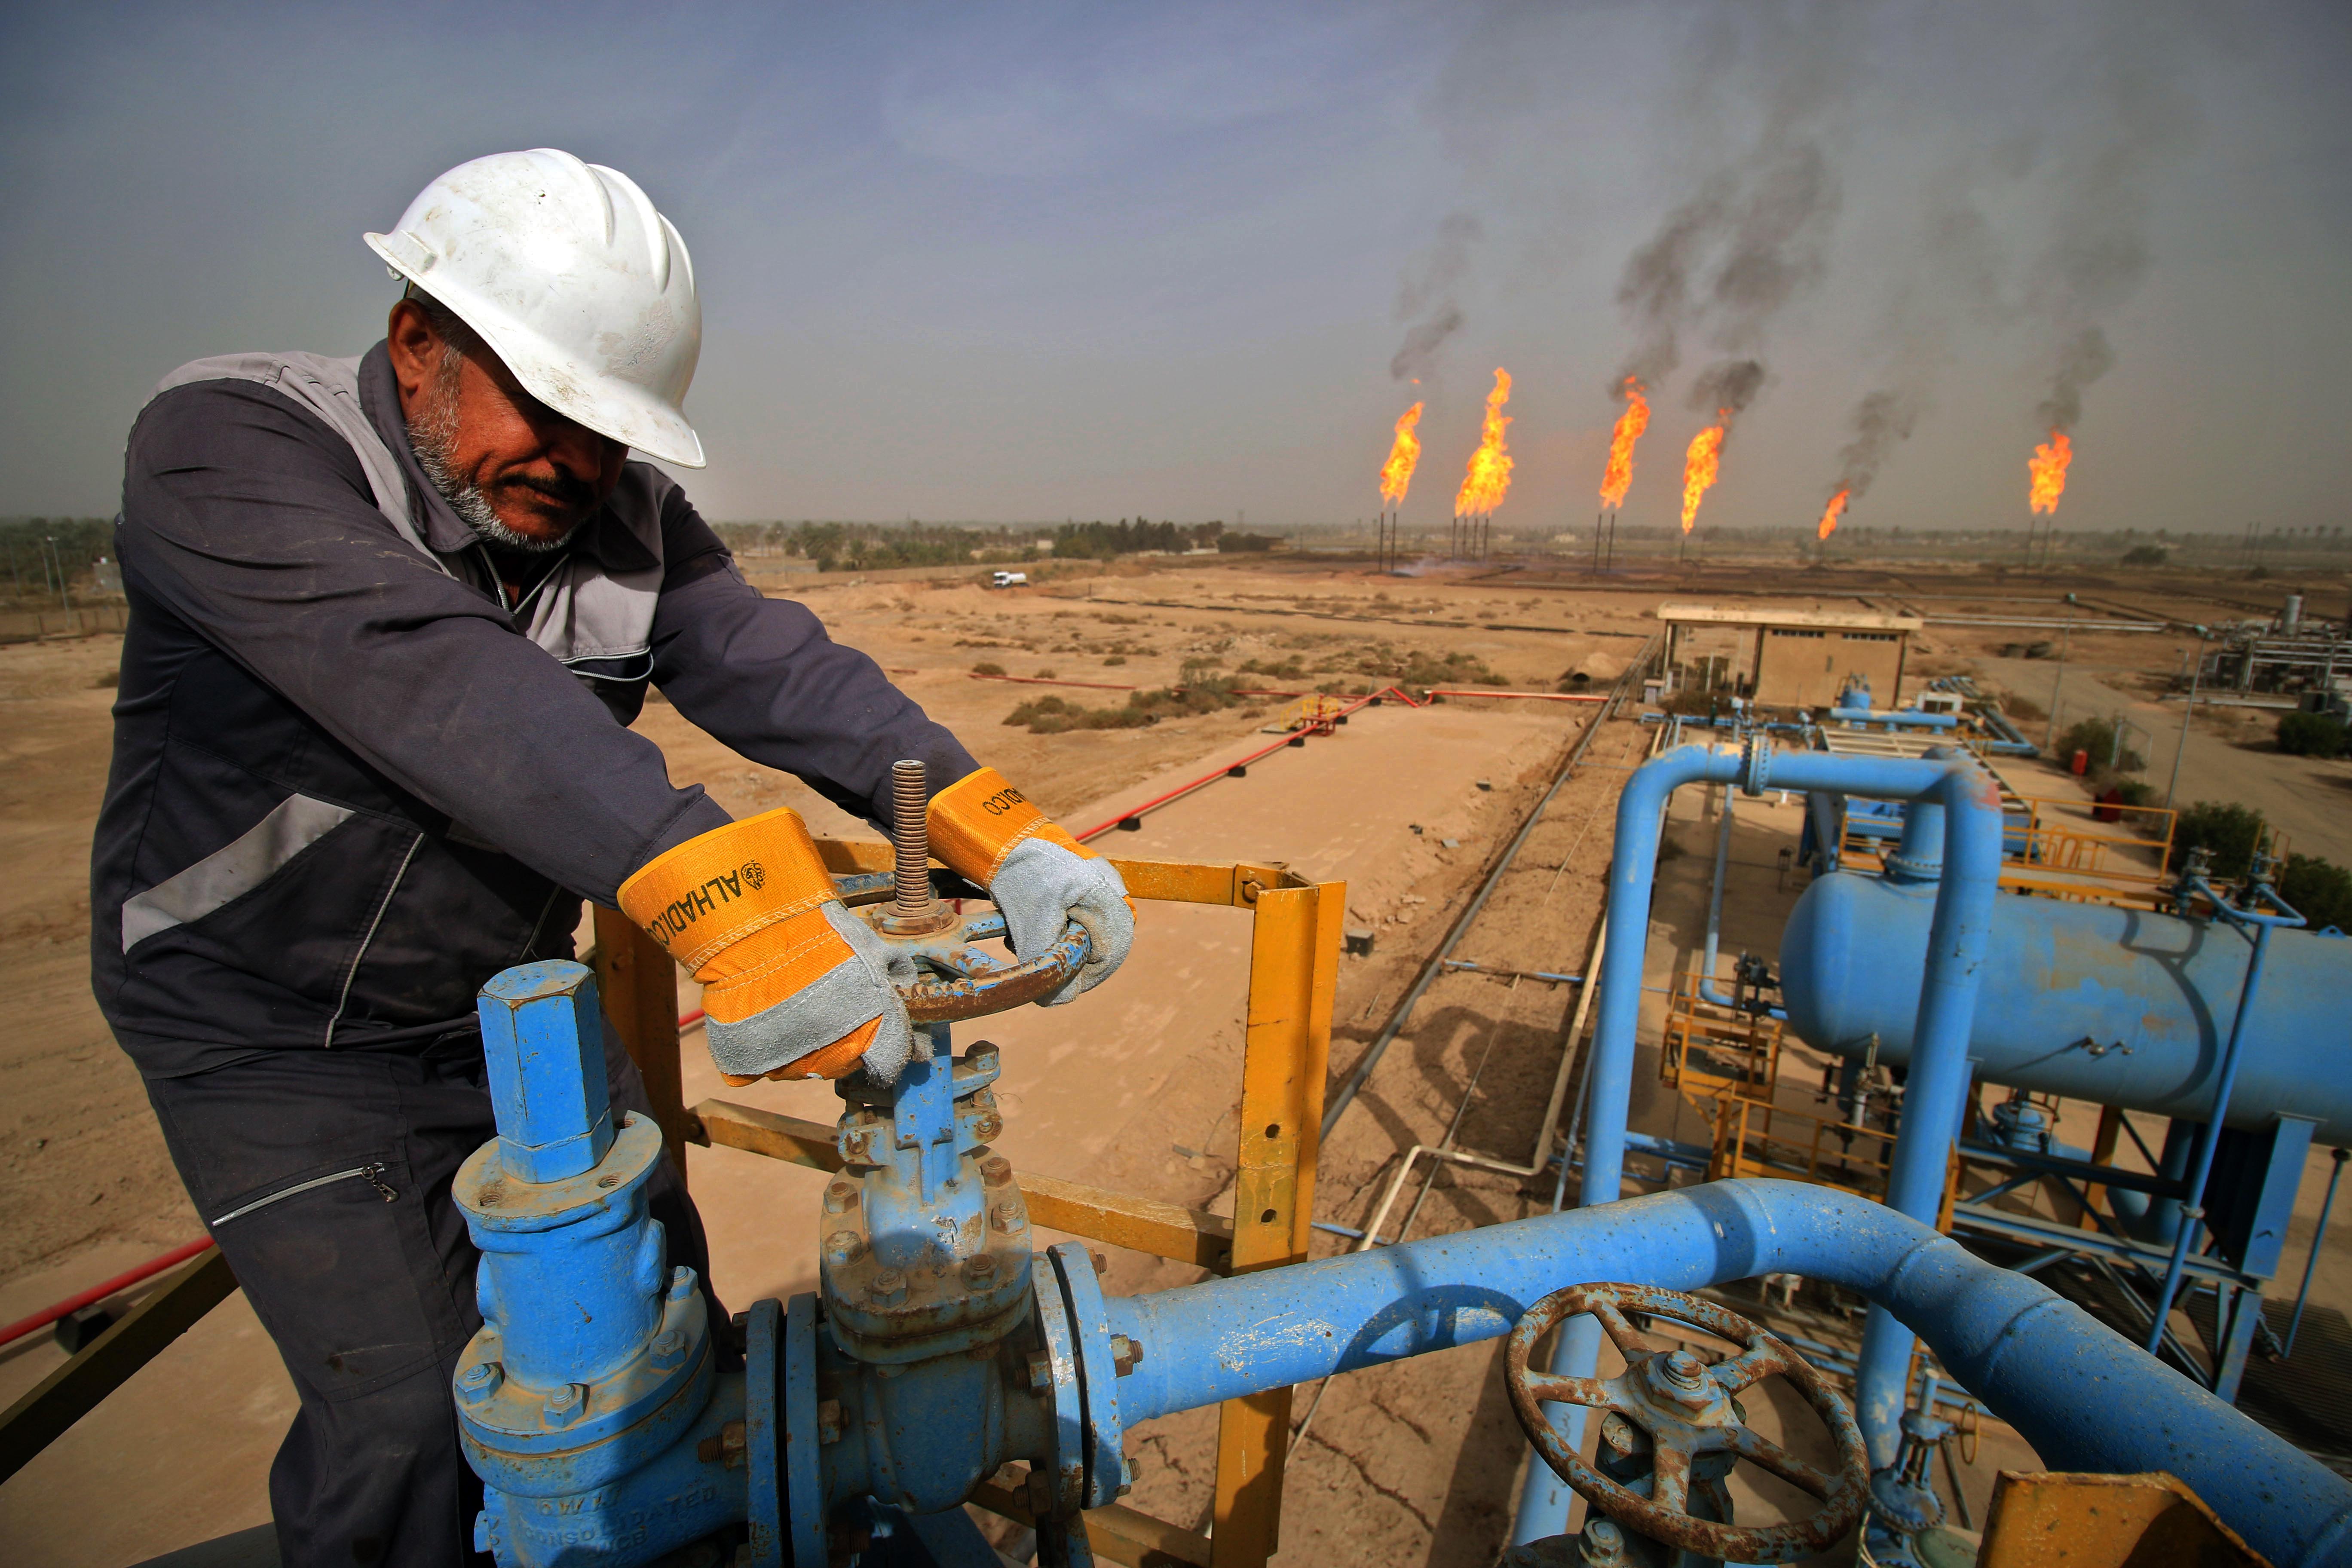 أحد العمال في حقل نهر بين عمر للنفط في البصرة جنوب العراق (أ ف ب)